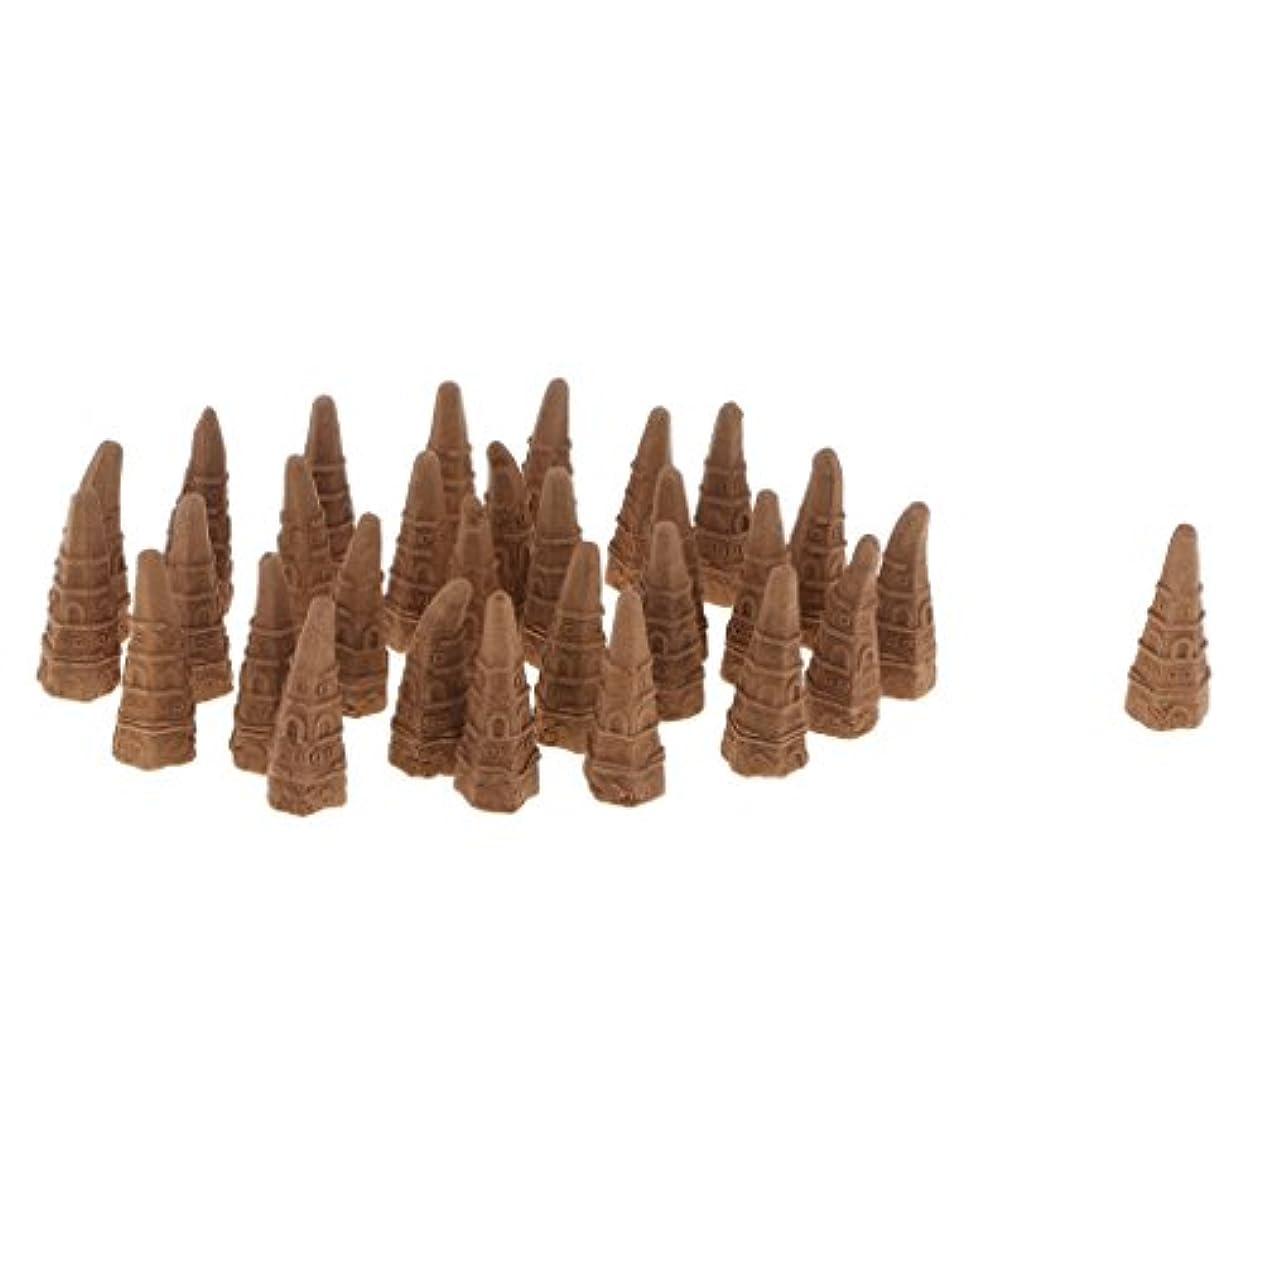 後方虎ペインティングボックス スモールタワーコーン型 逆流香り 仏教 サンダルウッド 全2種 - オーストラリアサンダルウッド